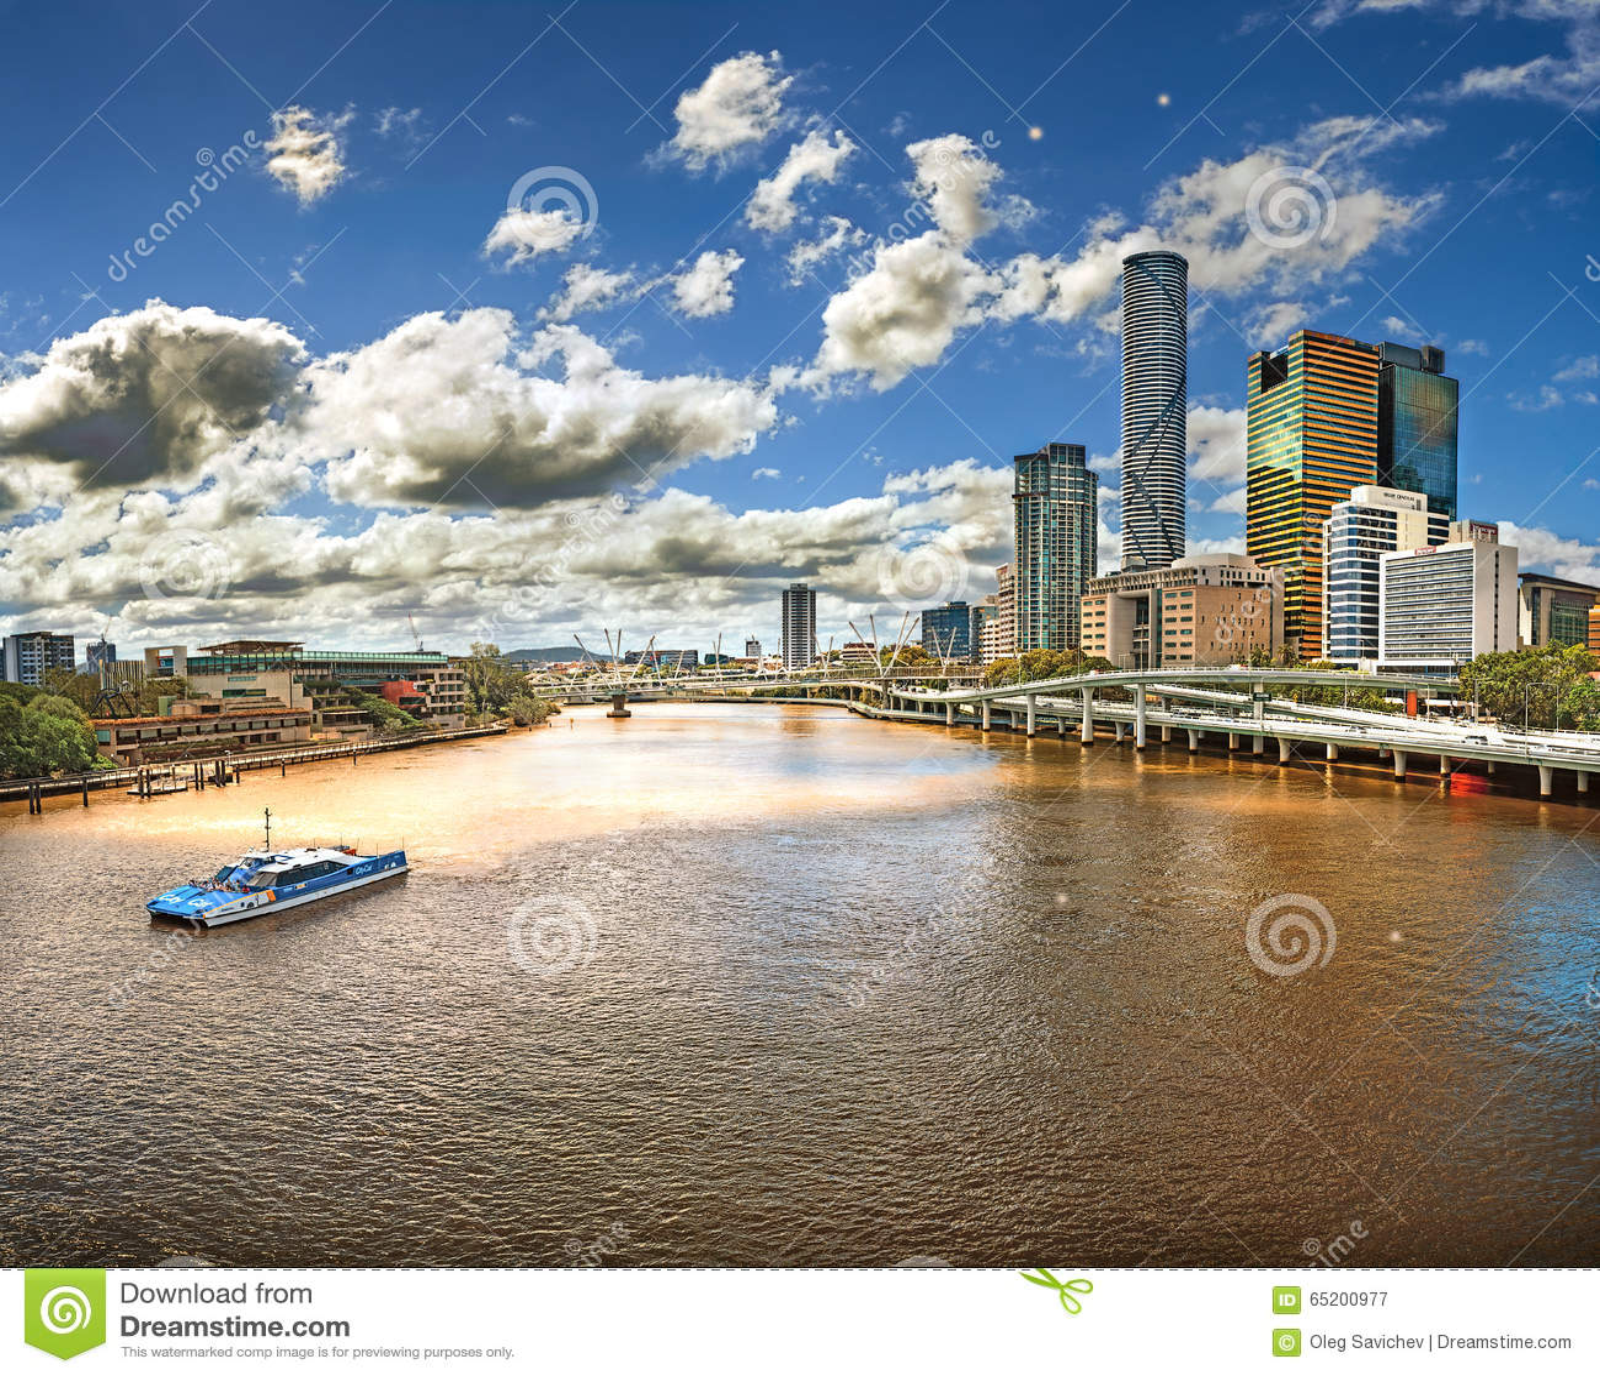 Vista da ponte sobre o rio Brisbane (Austrália, Brisbane) com vistas dos arranha-céus da cidade